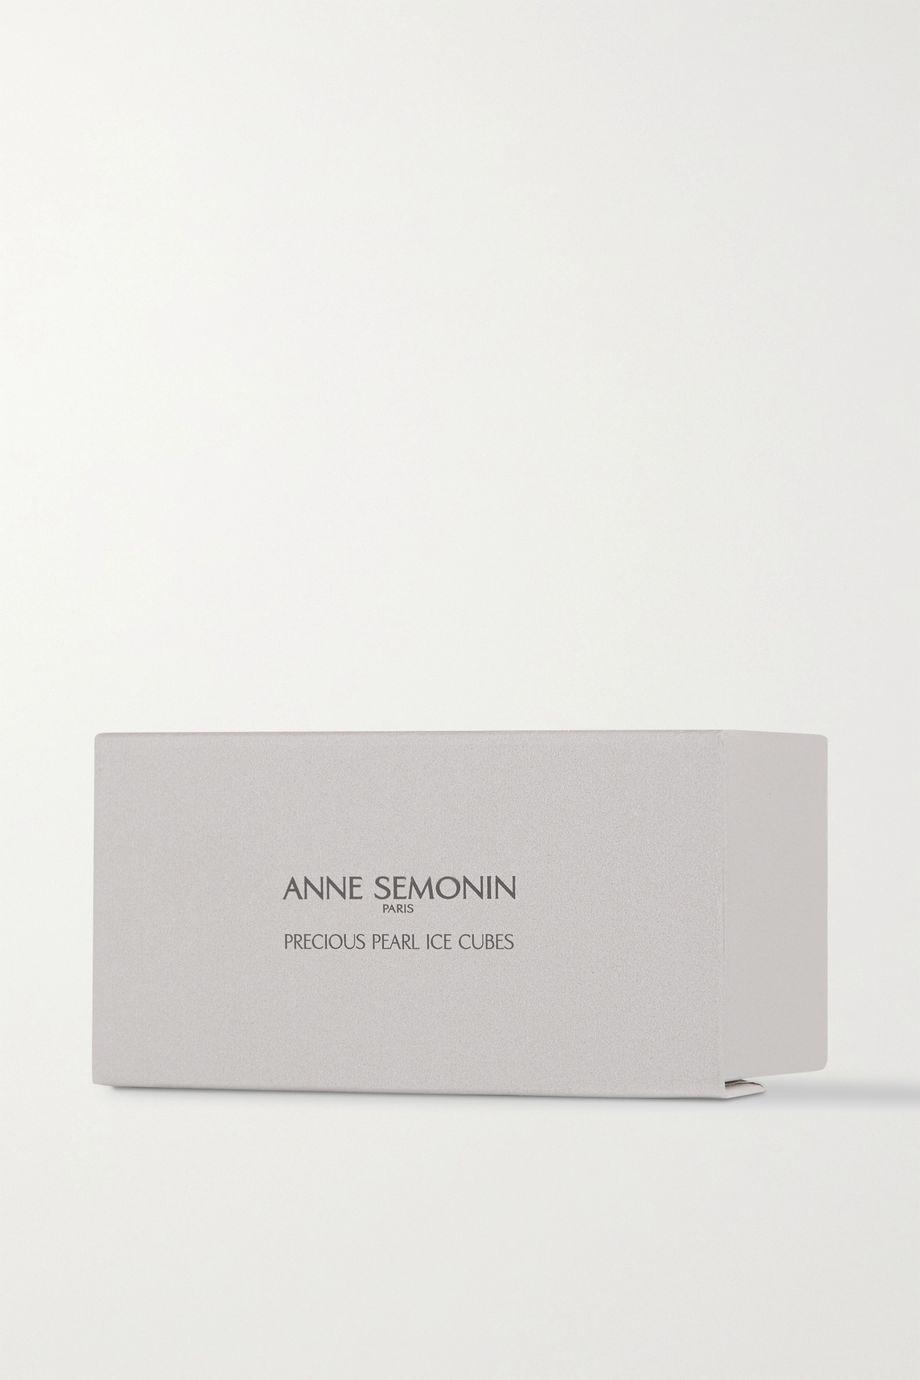 Anne Semonin Precious Pearl Ice Cubes x 6